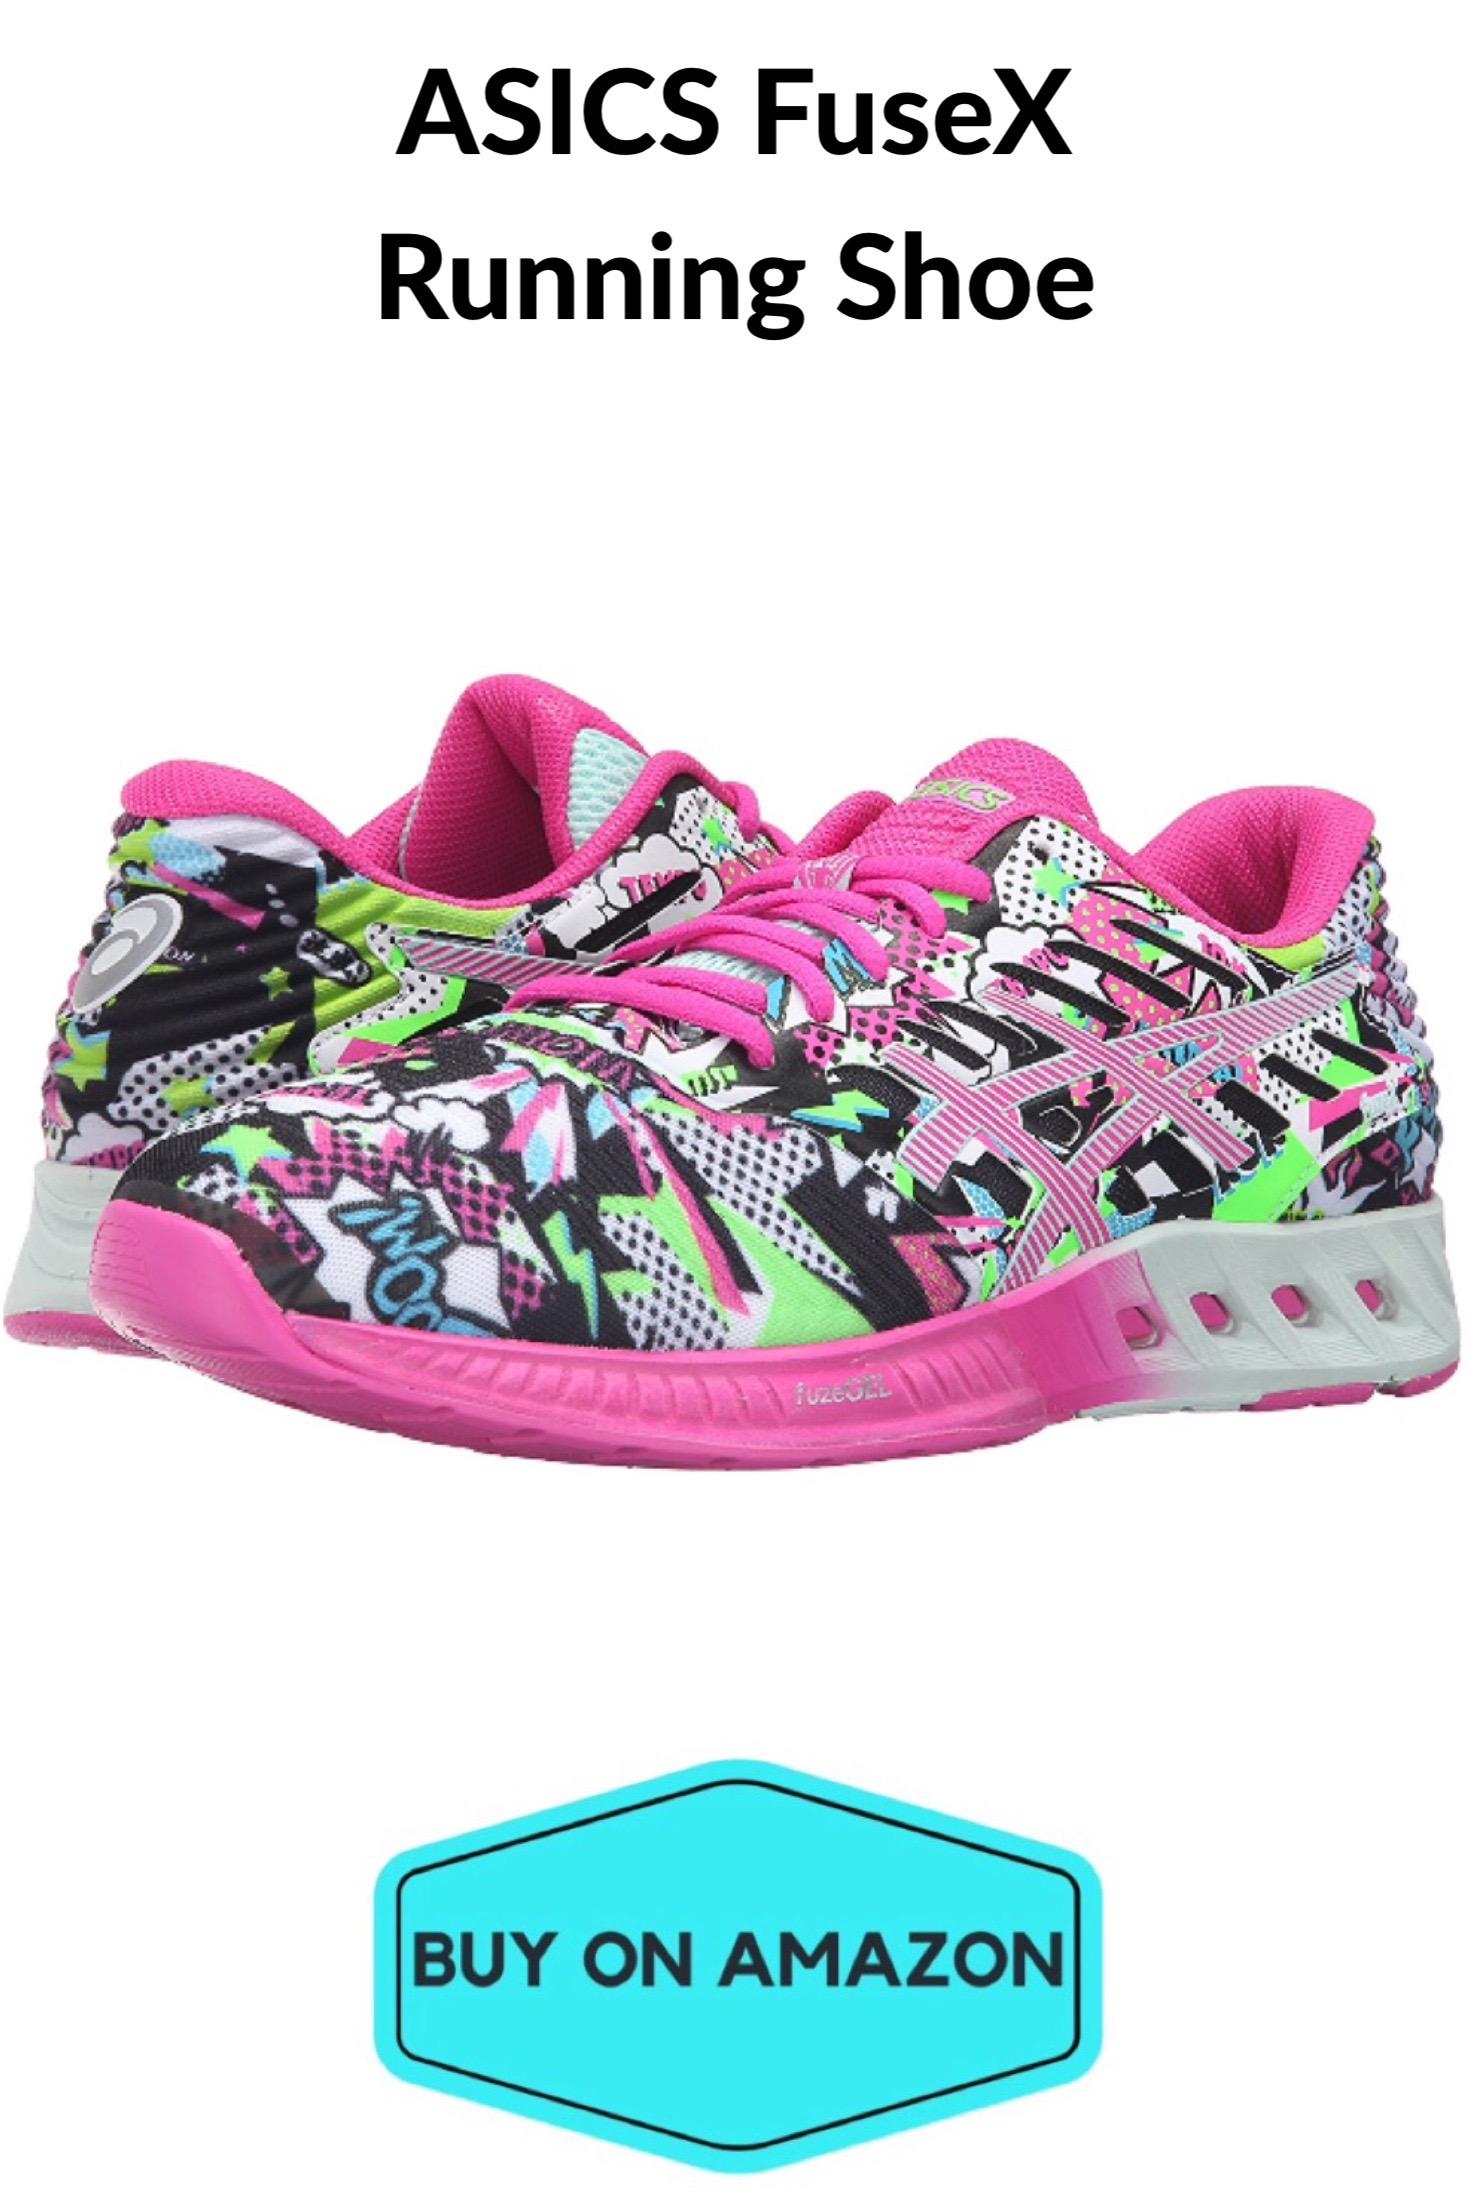 ASICS FuzeX Women's Running Shoe